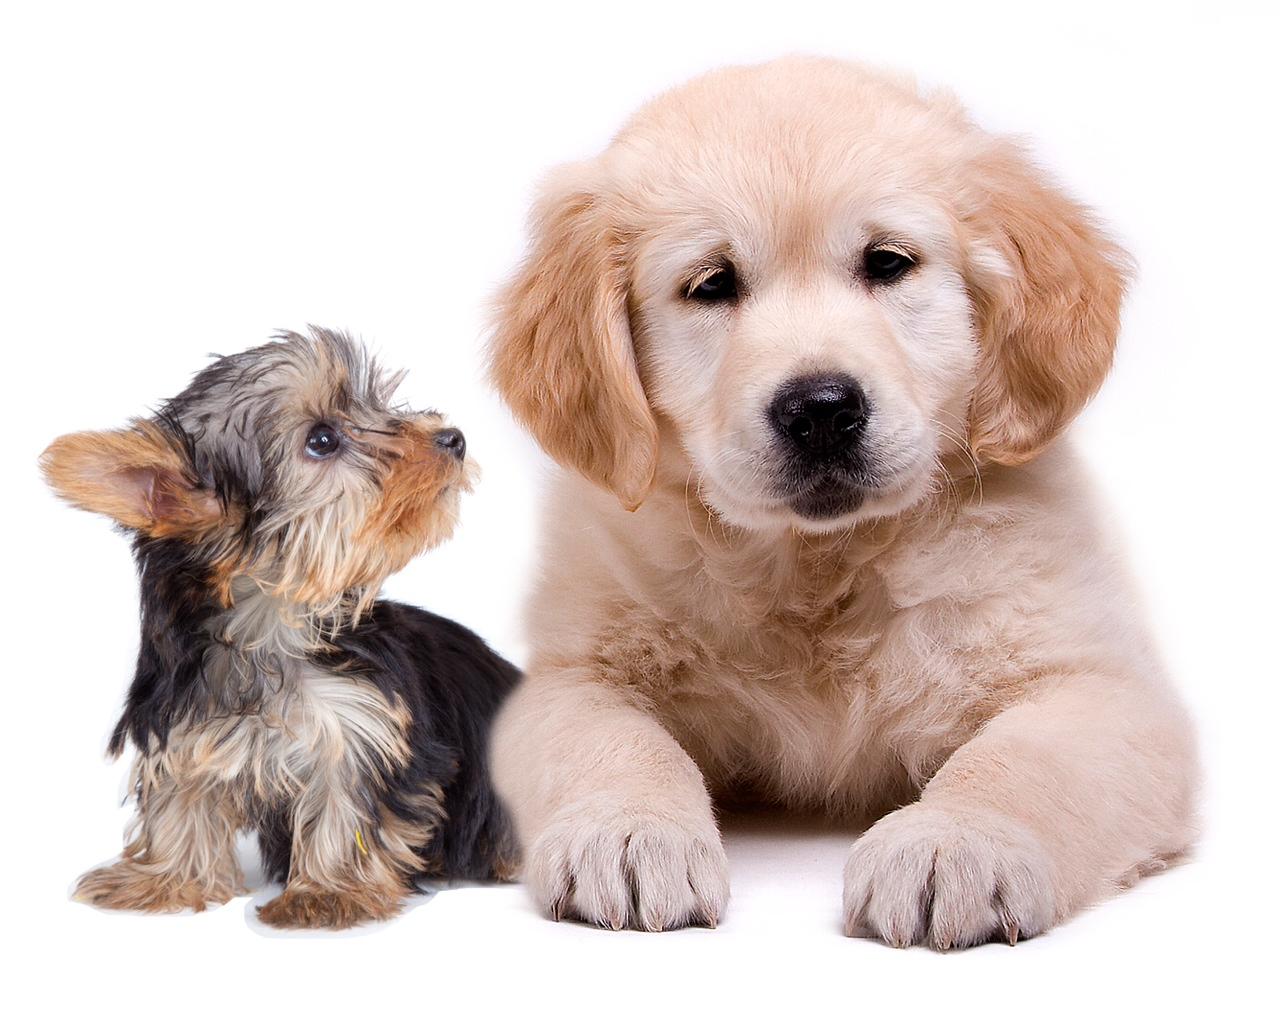 Cu ndo se hace adulto un cachorro - Cuando se puede banar a un cachorro ...